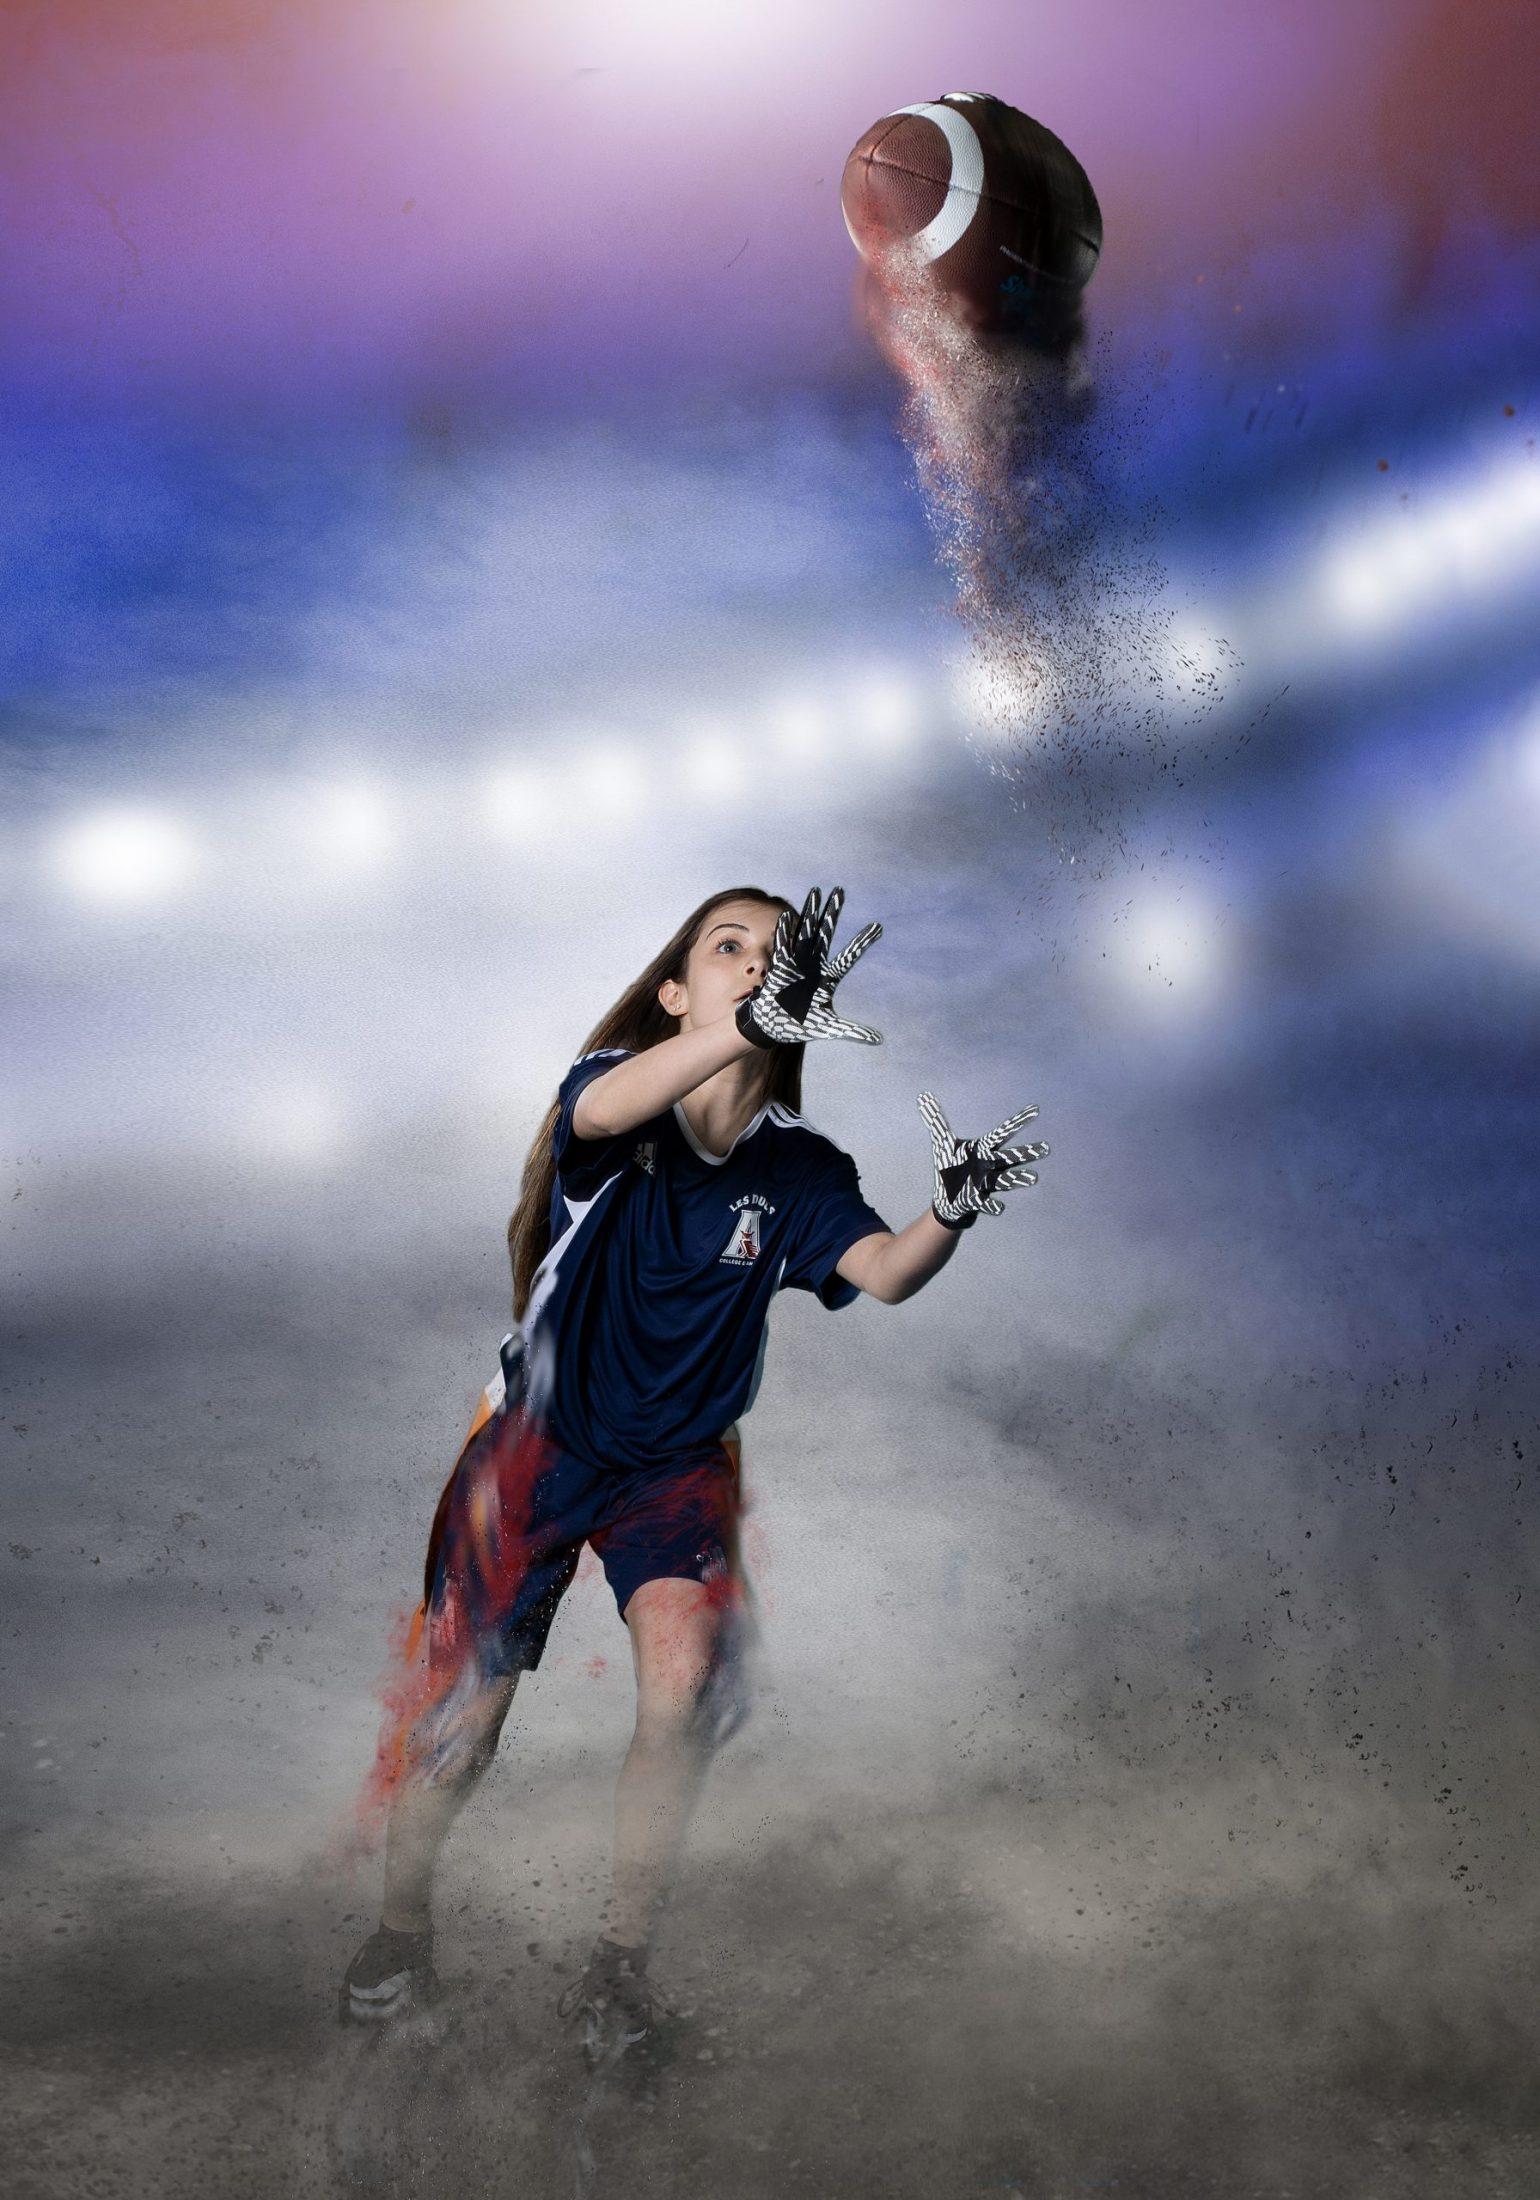 Image Flag-football féminin